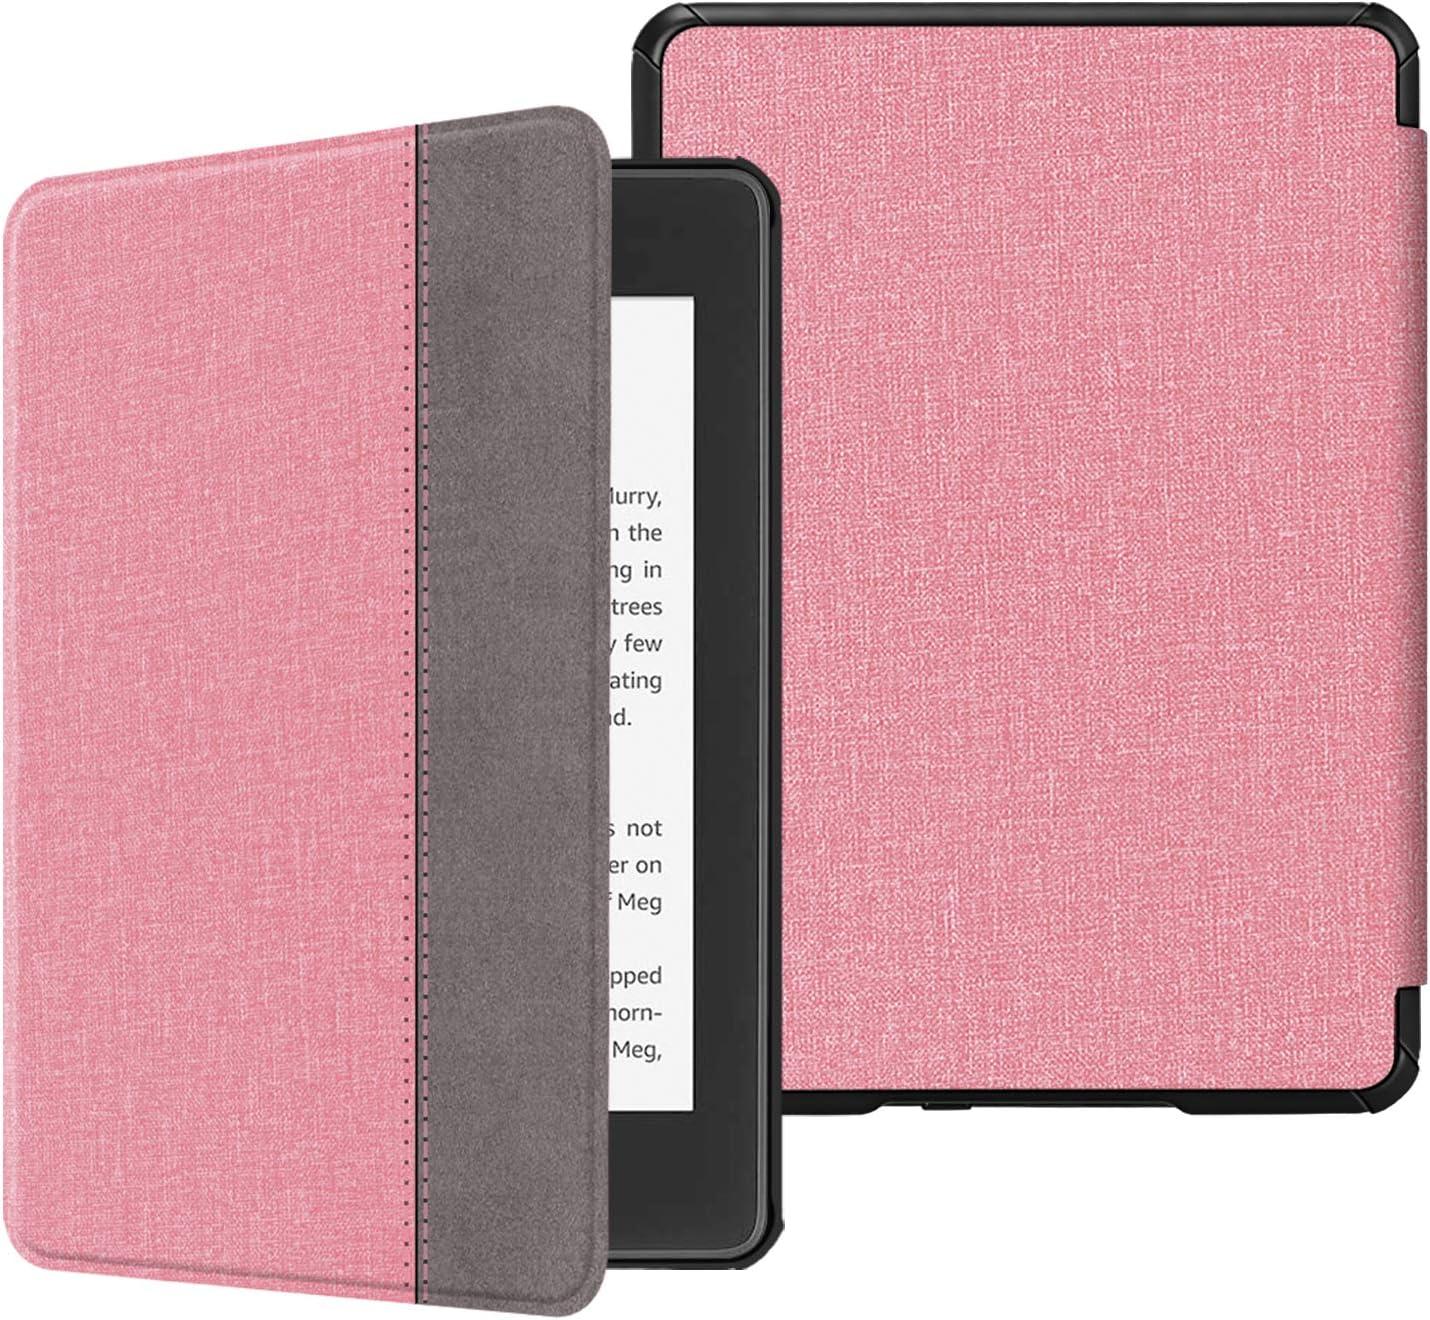 Ciruela Fintie SlimShell Funda para Kindle Paperwhite - Carcasa Fina y Ligera de Cuero Sint/ético con Funci/ón de Auto-Reposo//Activaci/ón 10./ª generaci/ón, 2018